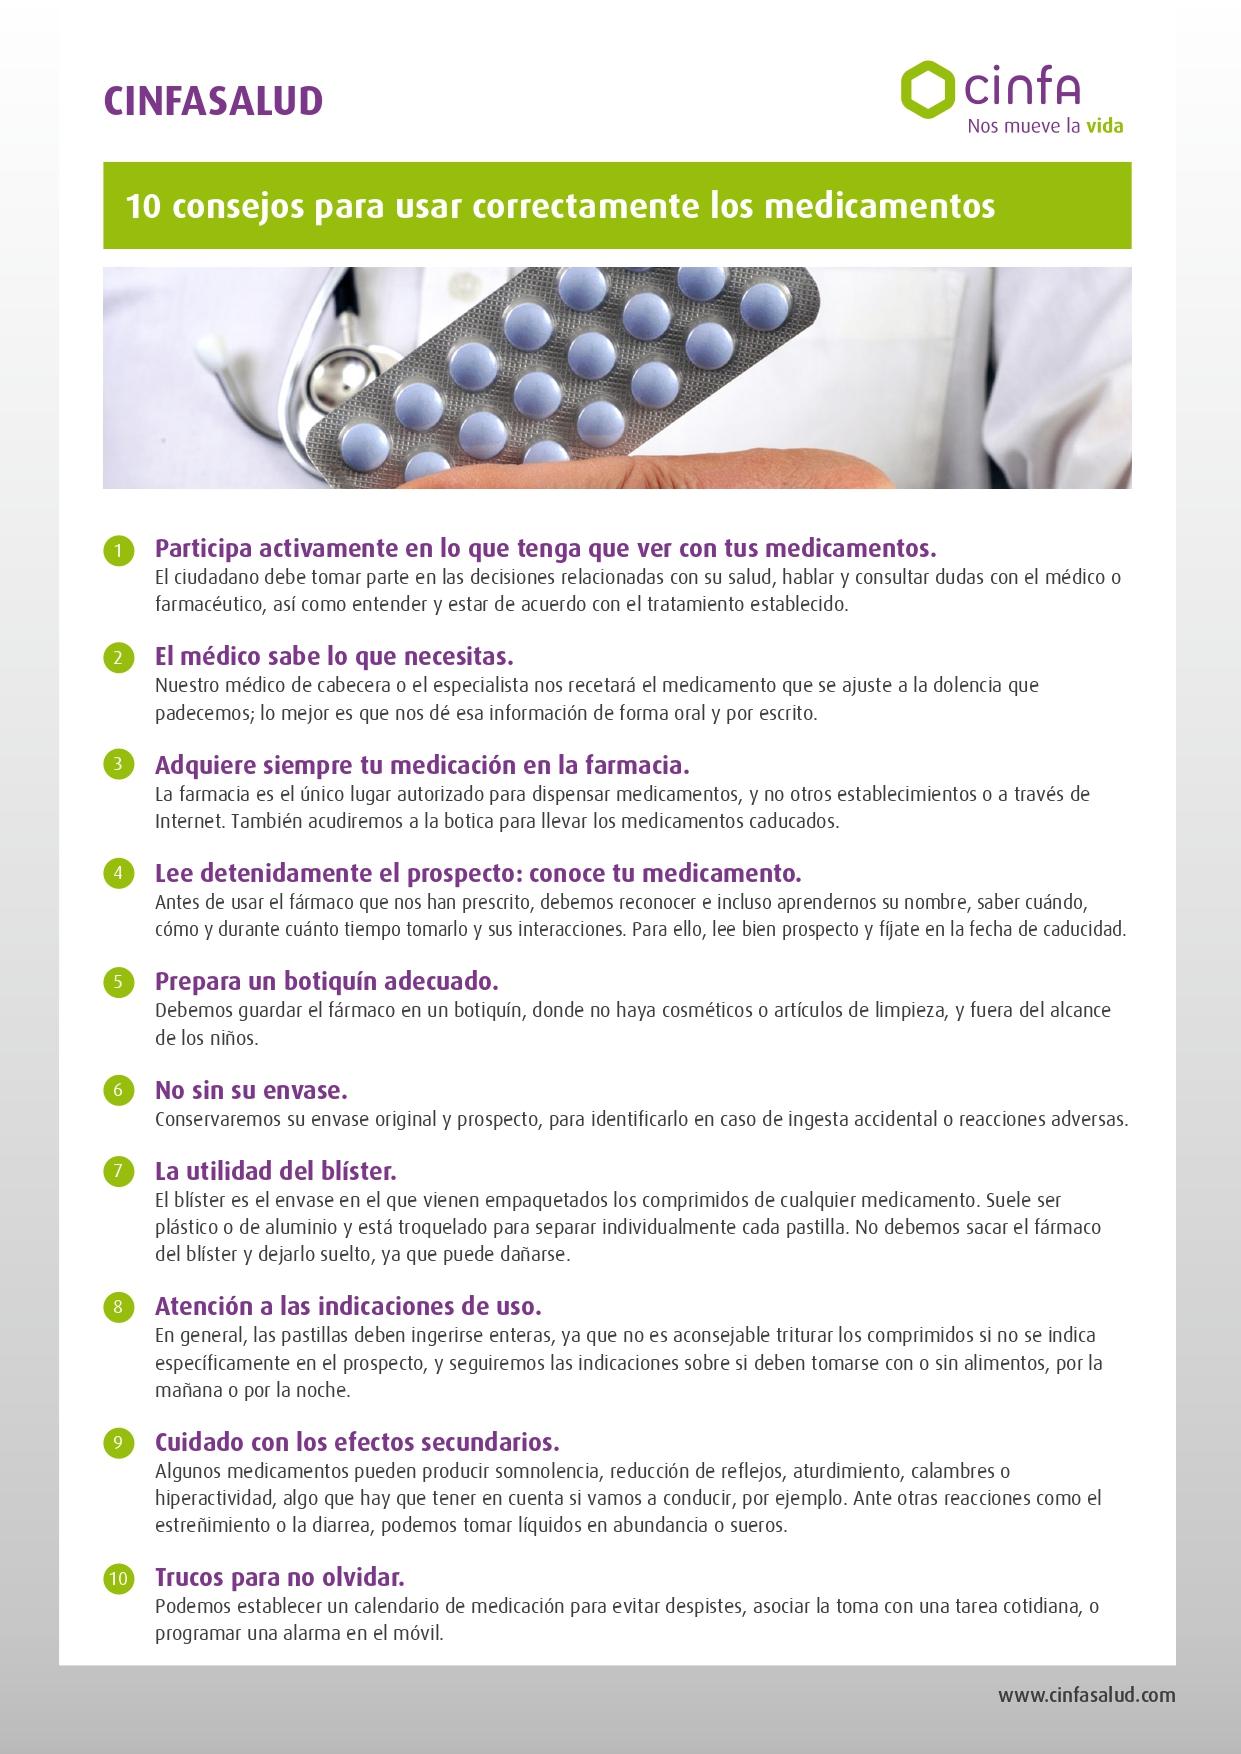 consejos medicamentos cinfasalud page 0001 - 10 consejos para el uso correcto de los medicamentos